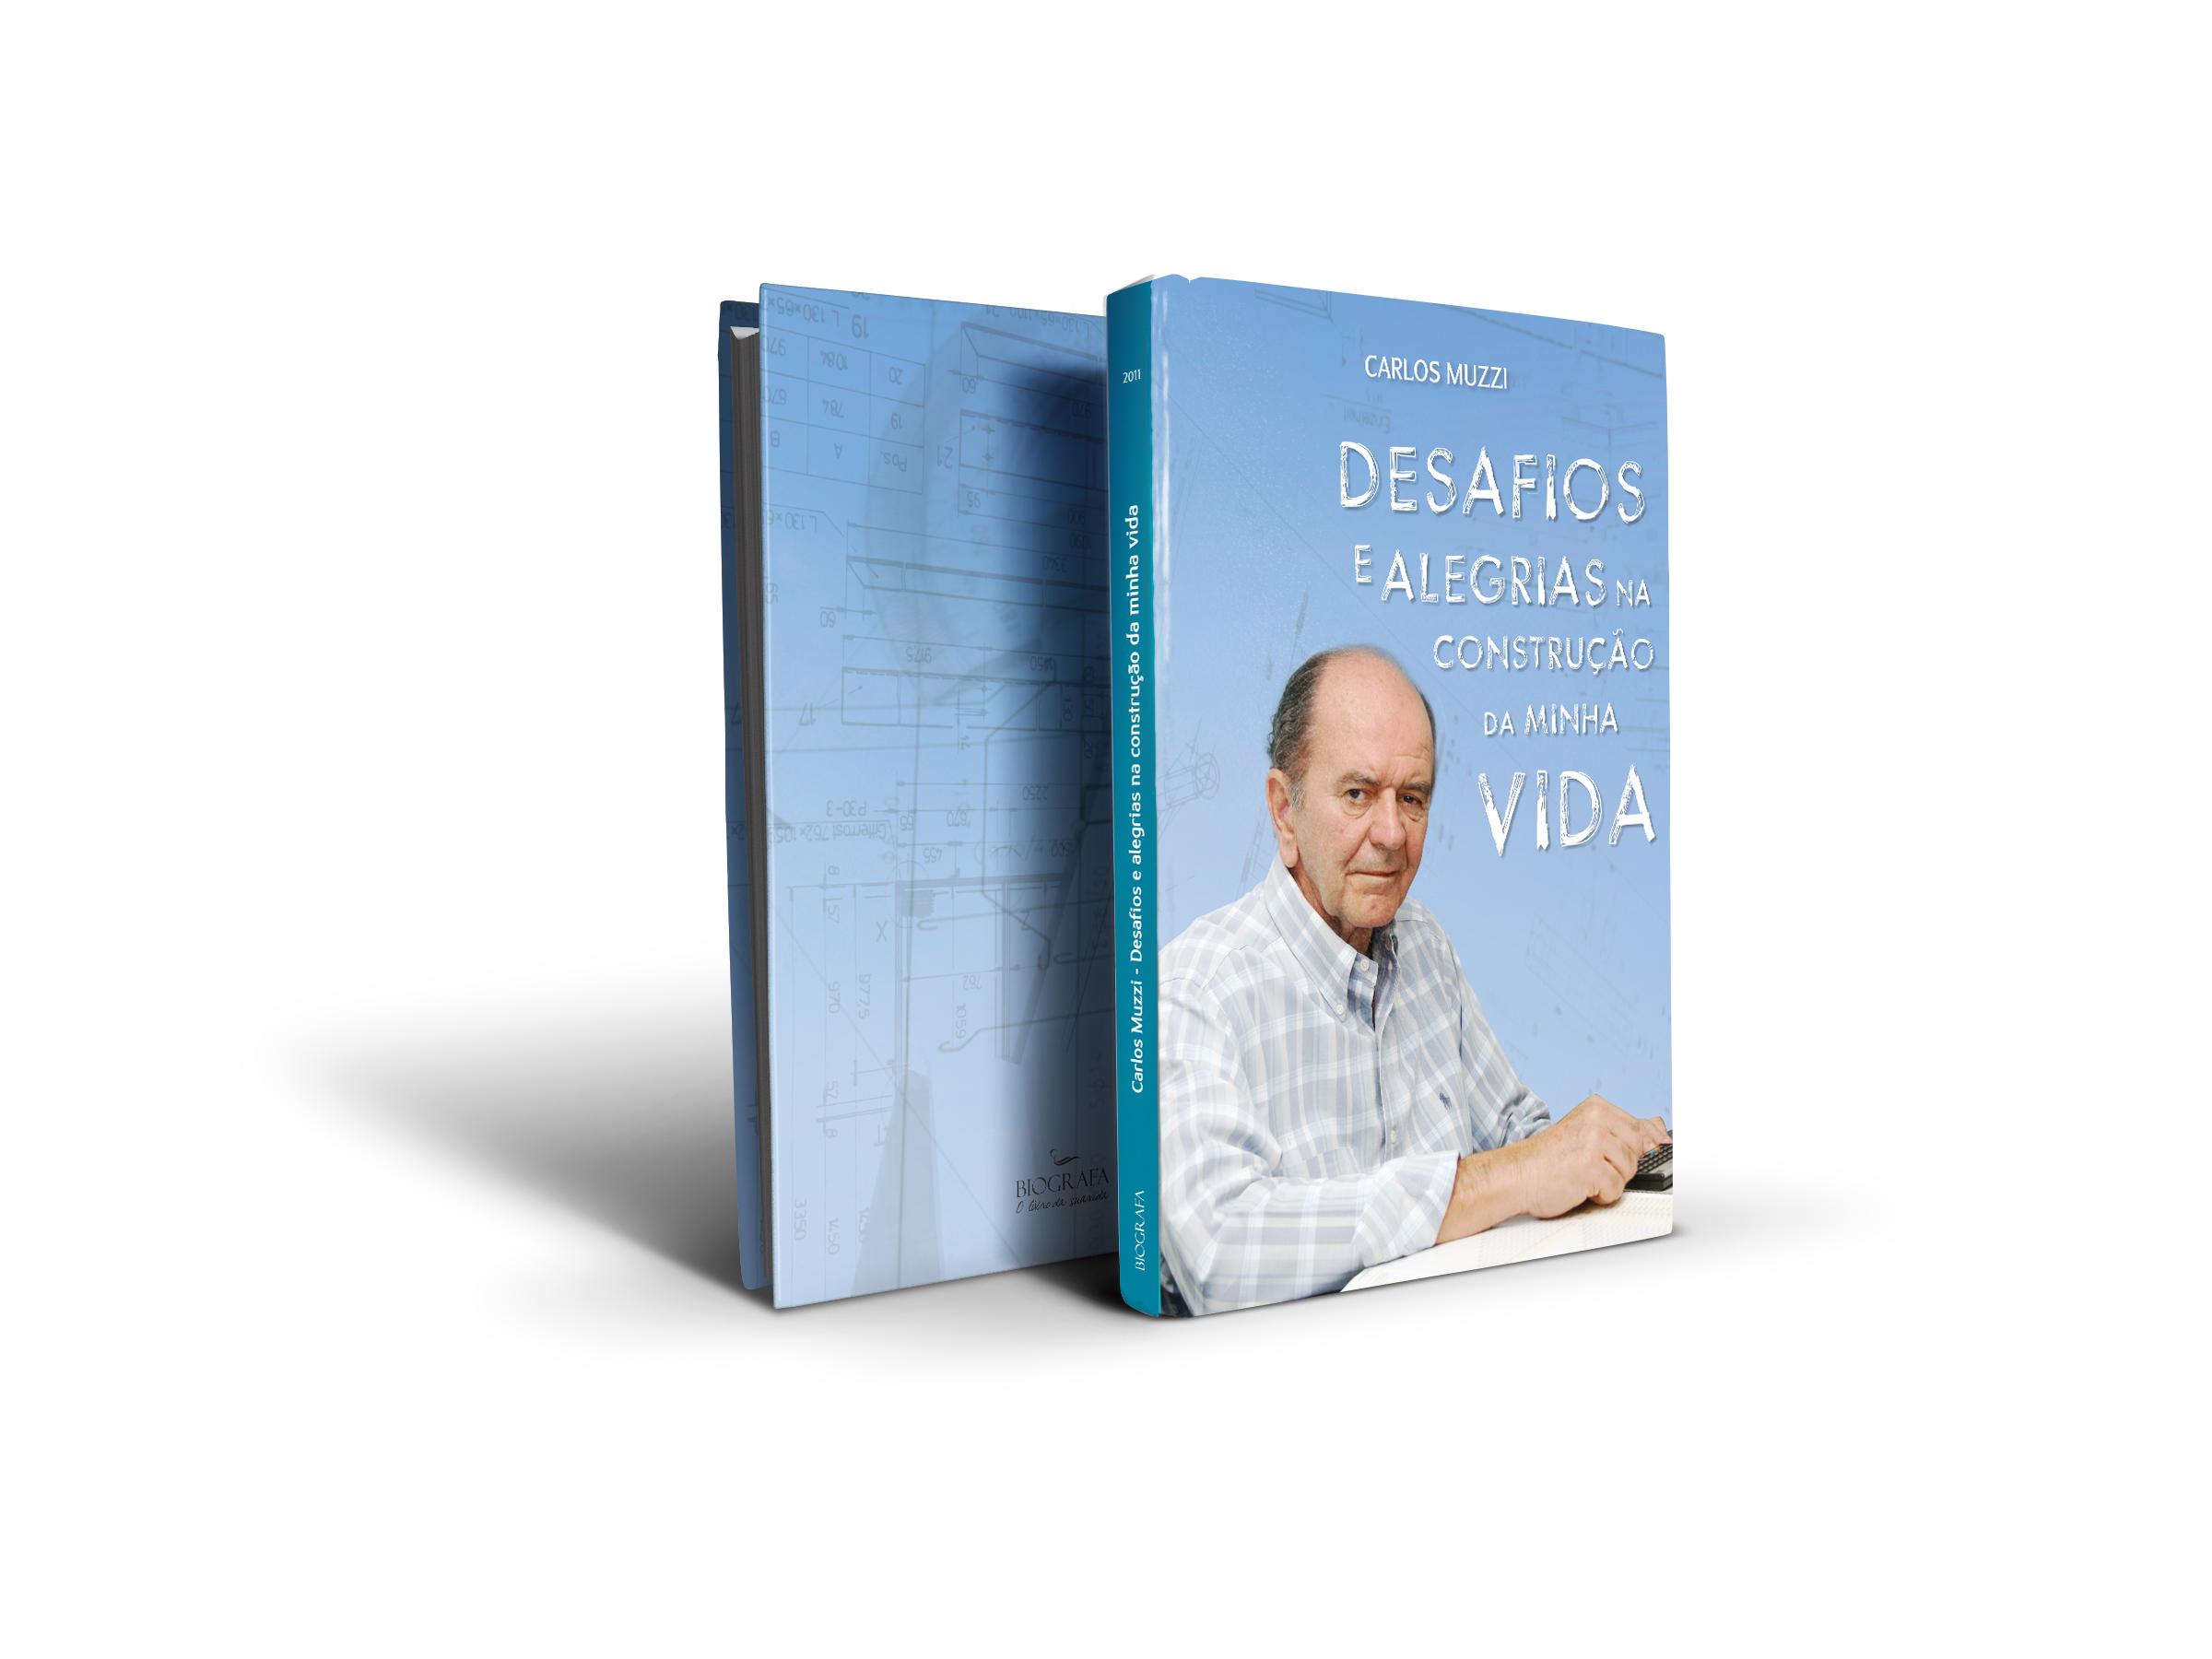 livro_biografia_carlos_muzzi